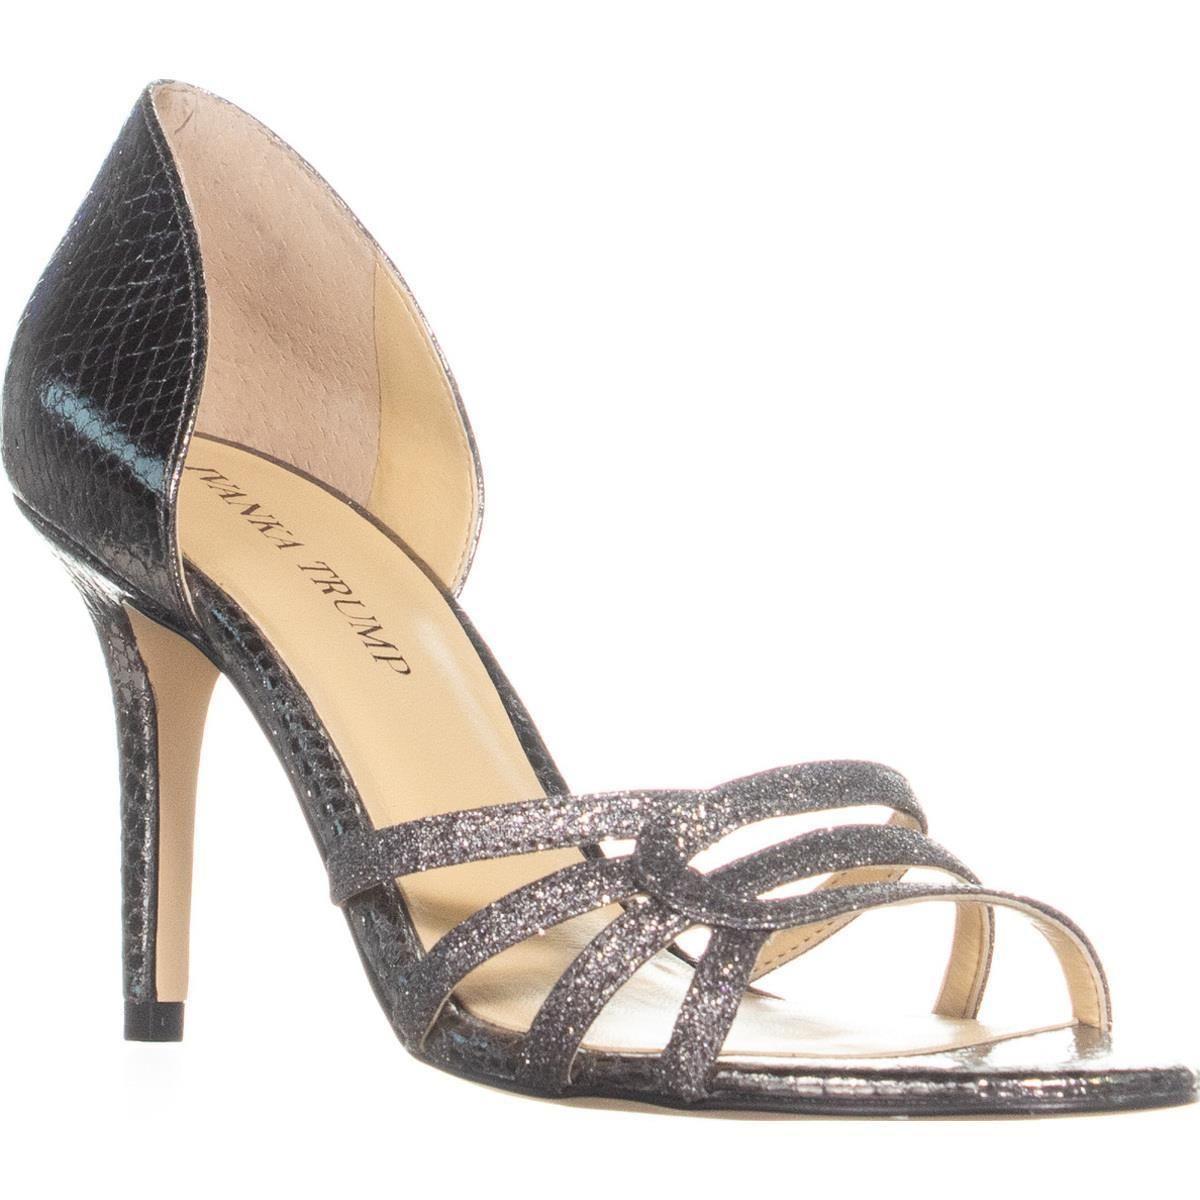 b7260efd647 Ivanka Trump Lady2 Evening Sandals in Metallic - Save 12% - Lyst